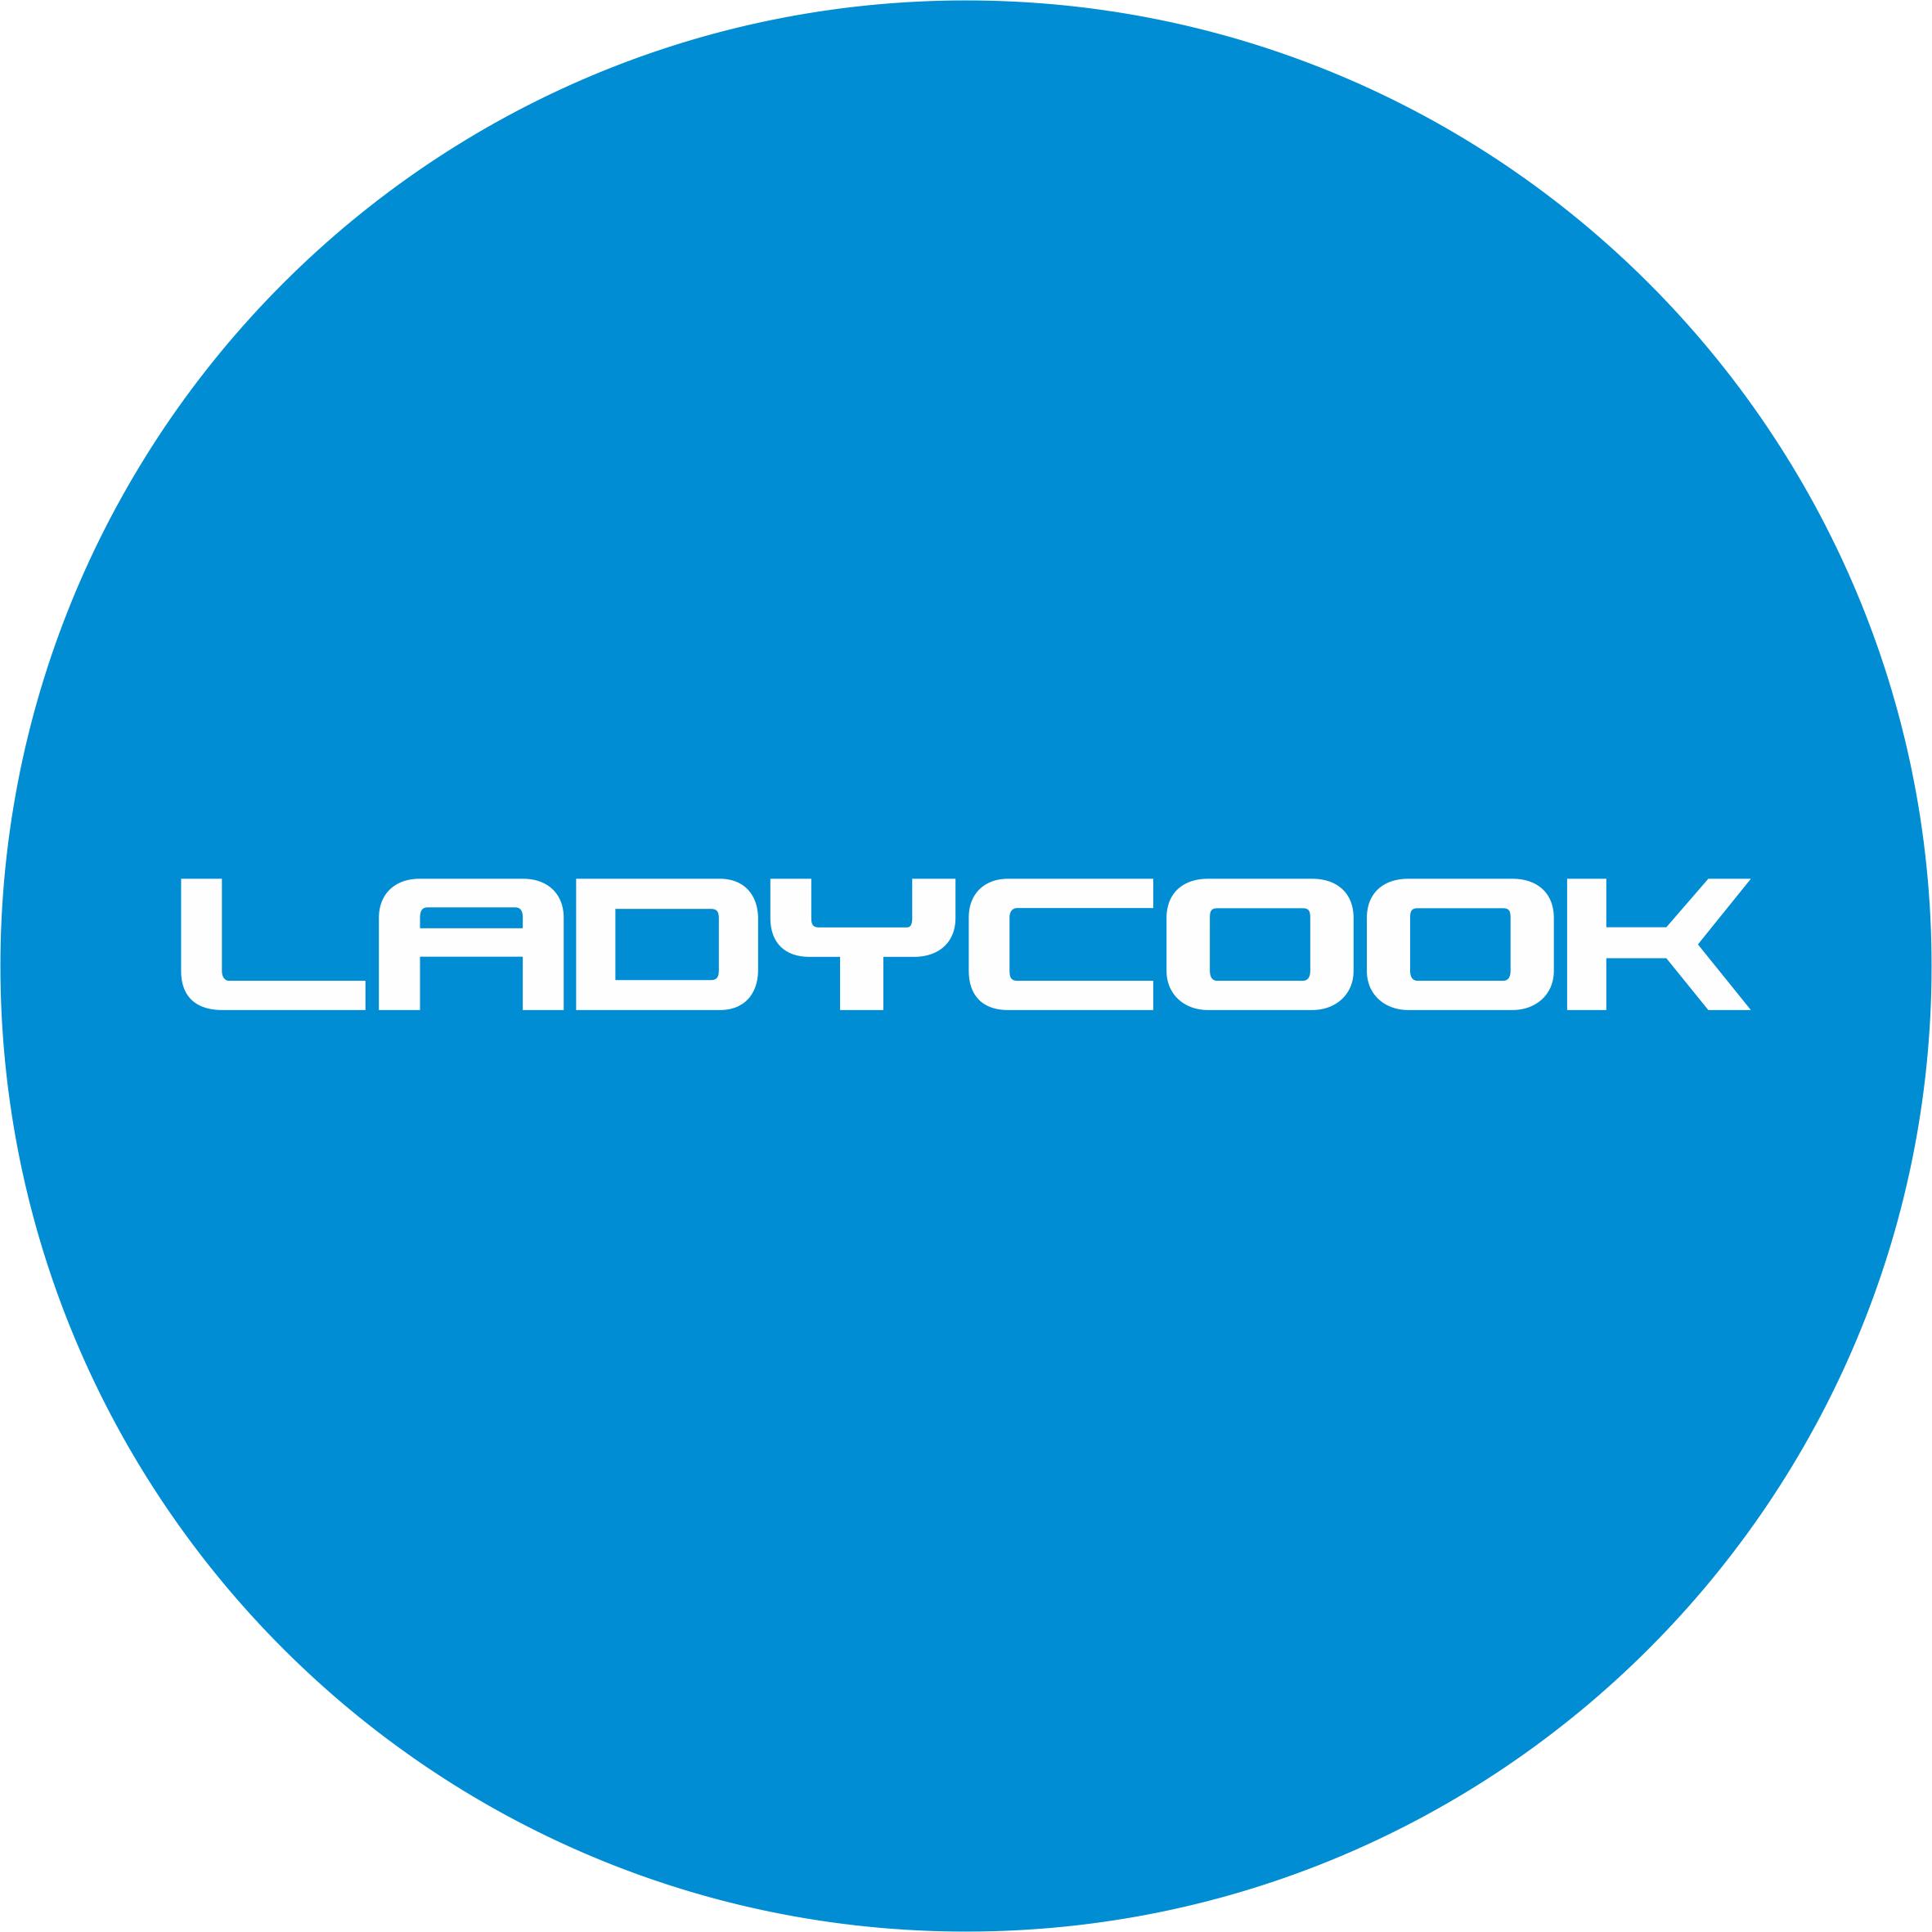 Ladycook